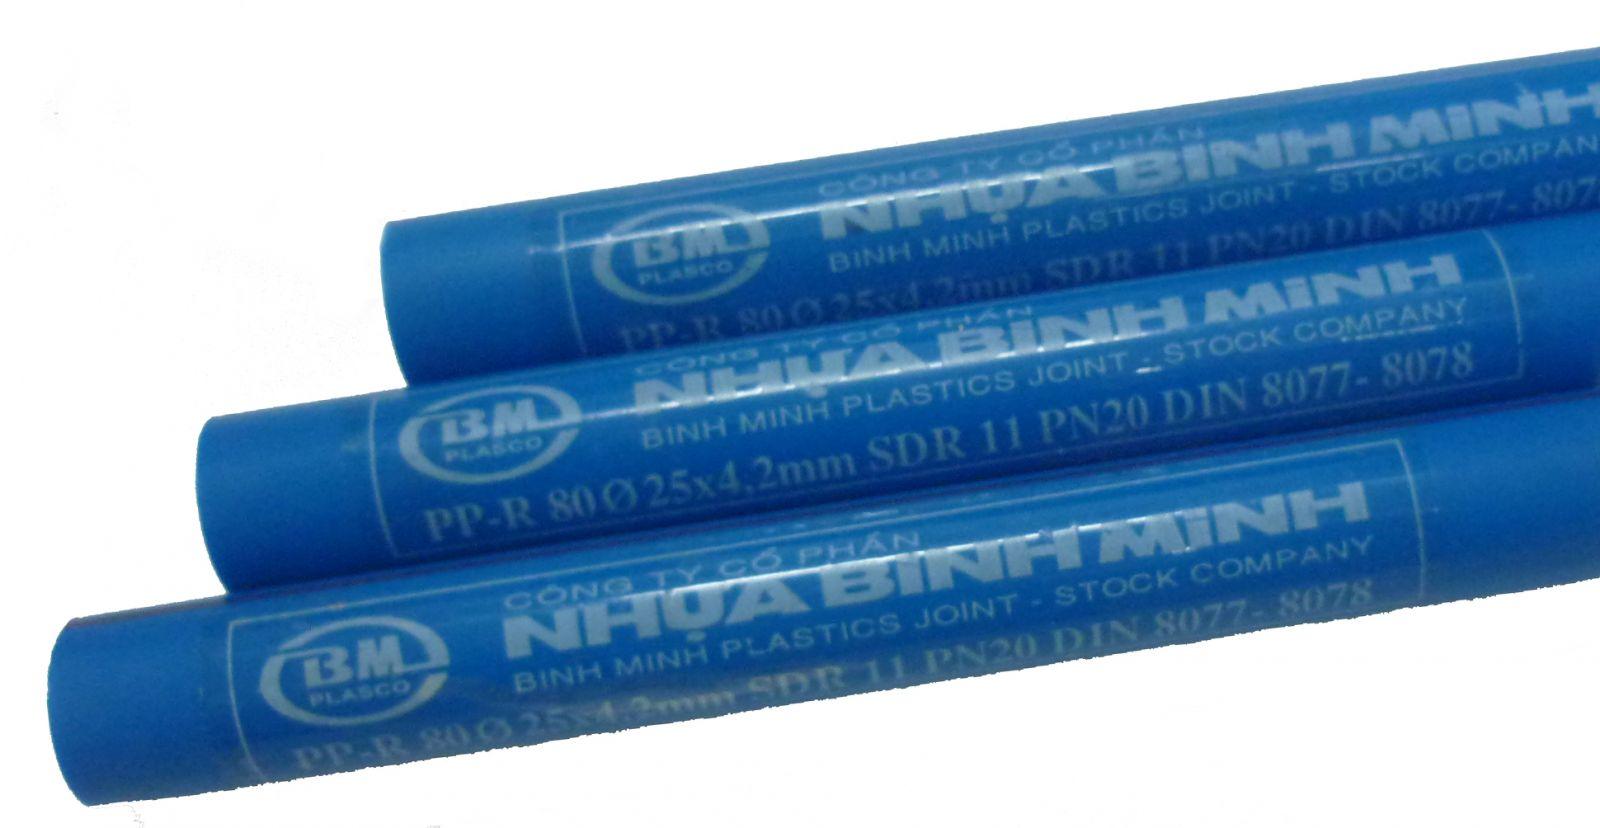 Ống nhựa chịu nhiệt PPR 32 x 5,4mm TGCN-31945 NHUABINHMINH